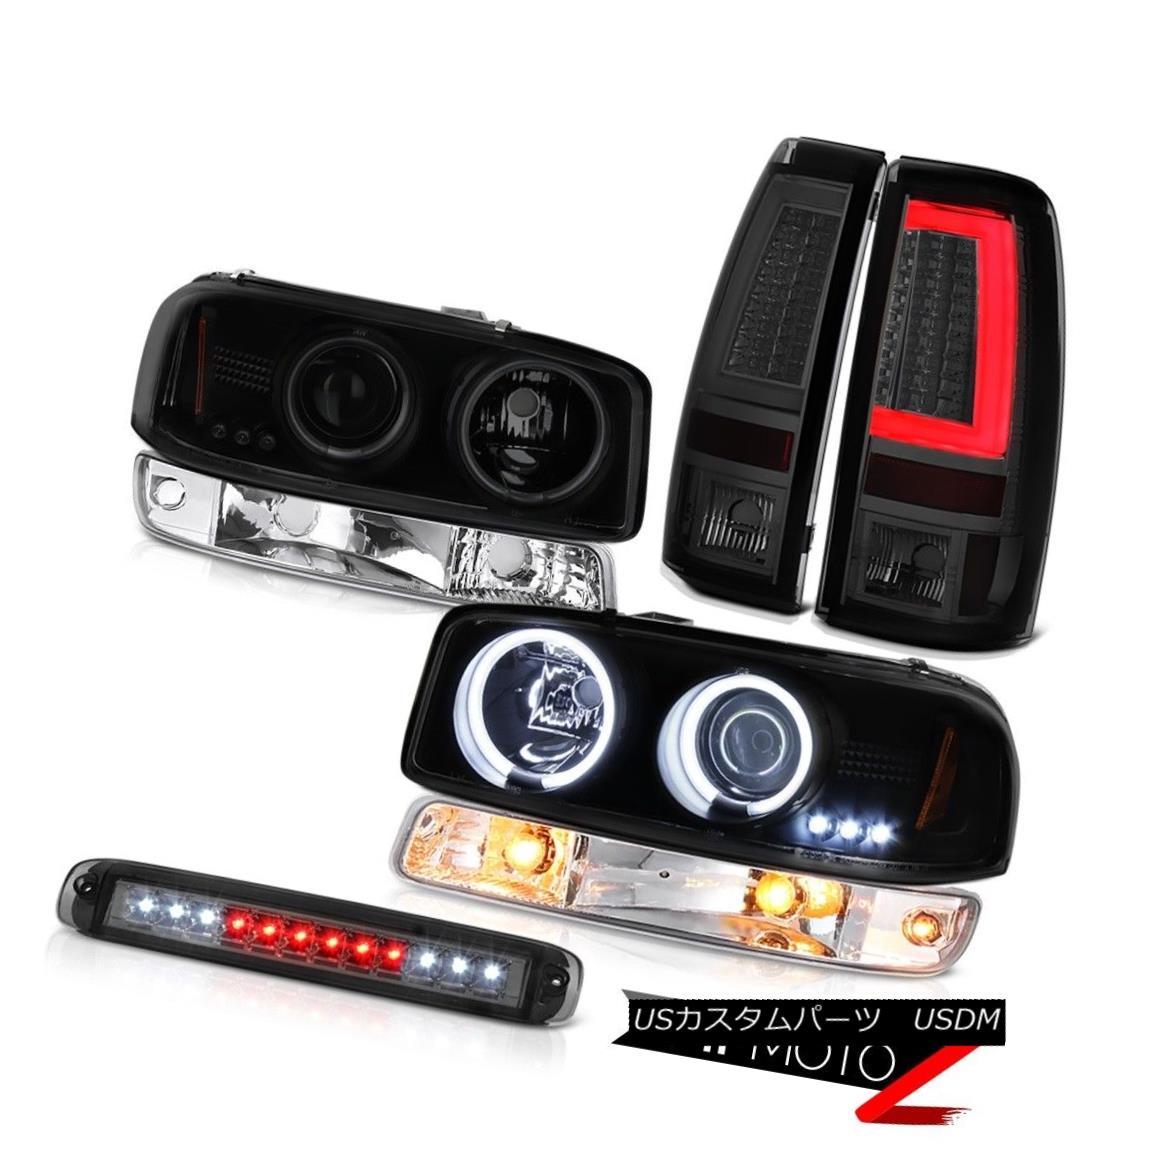 テールライト 99-06 Sierra SLT Rear Brake Lights 3RD Lamp Turn Signal CCFL Headlamps Halo Ring 99-06シエラSLTリアブレーキライト3RDランプターンシグナルCCFLヘッドランプハローリング